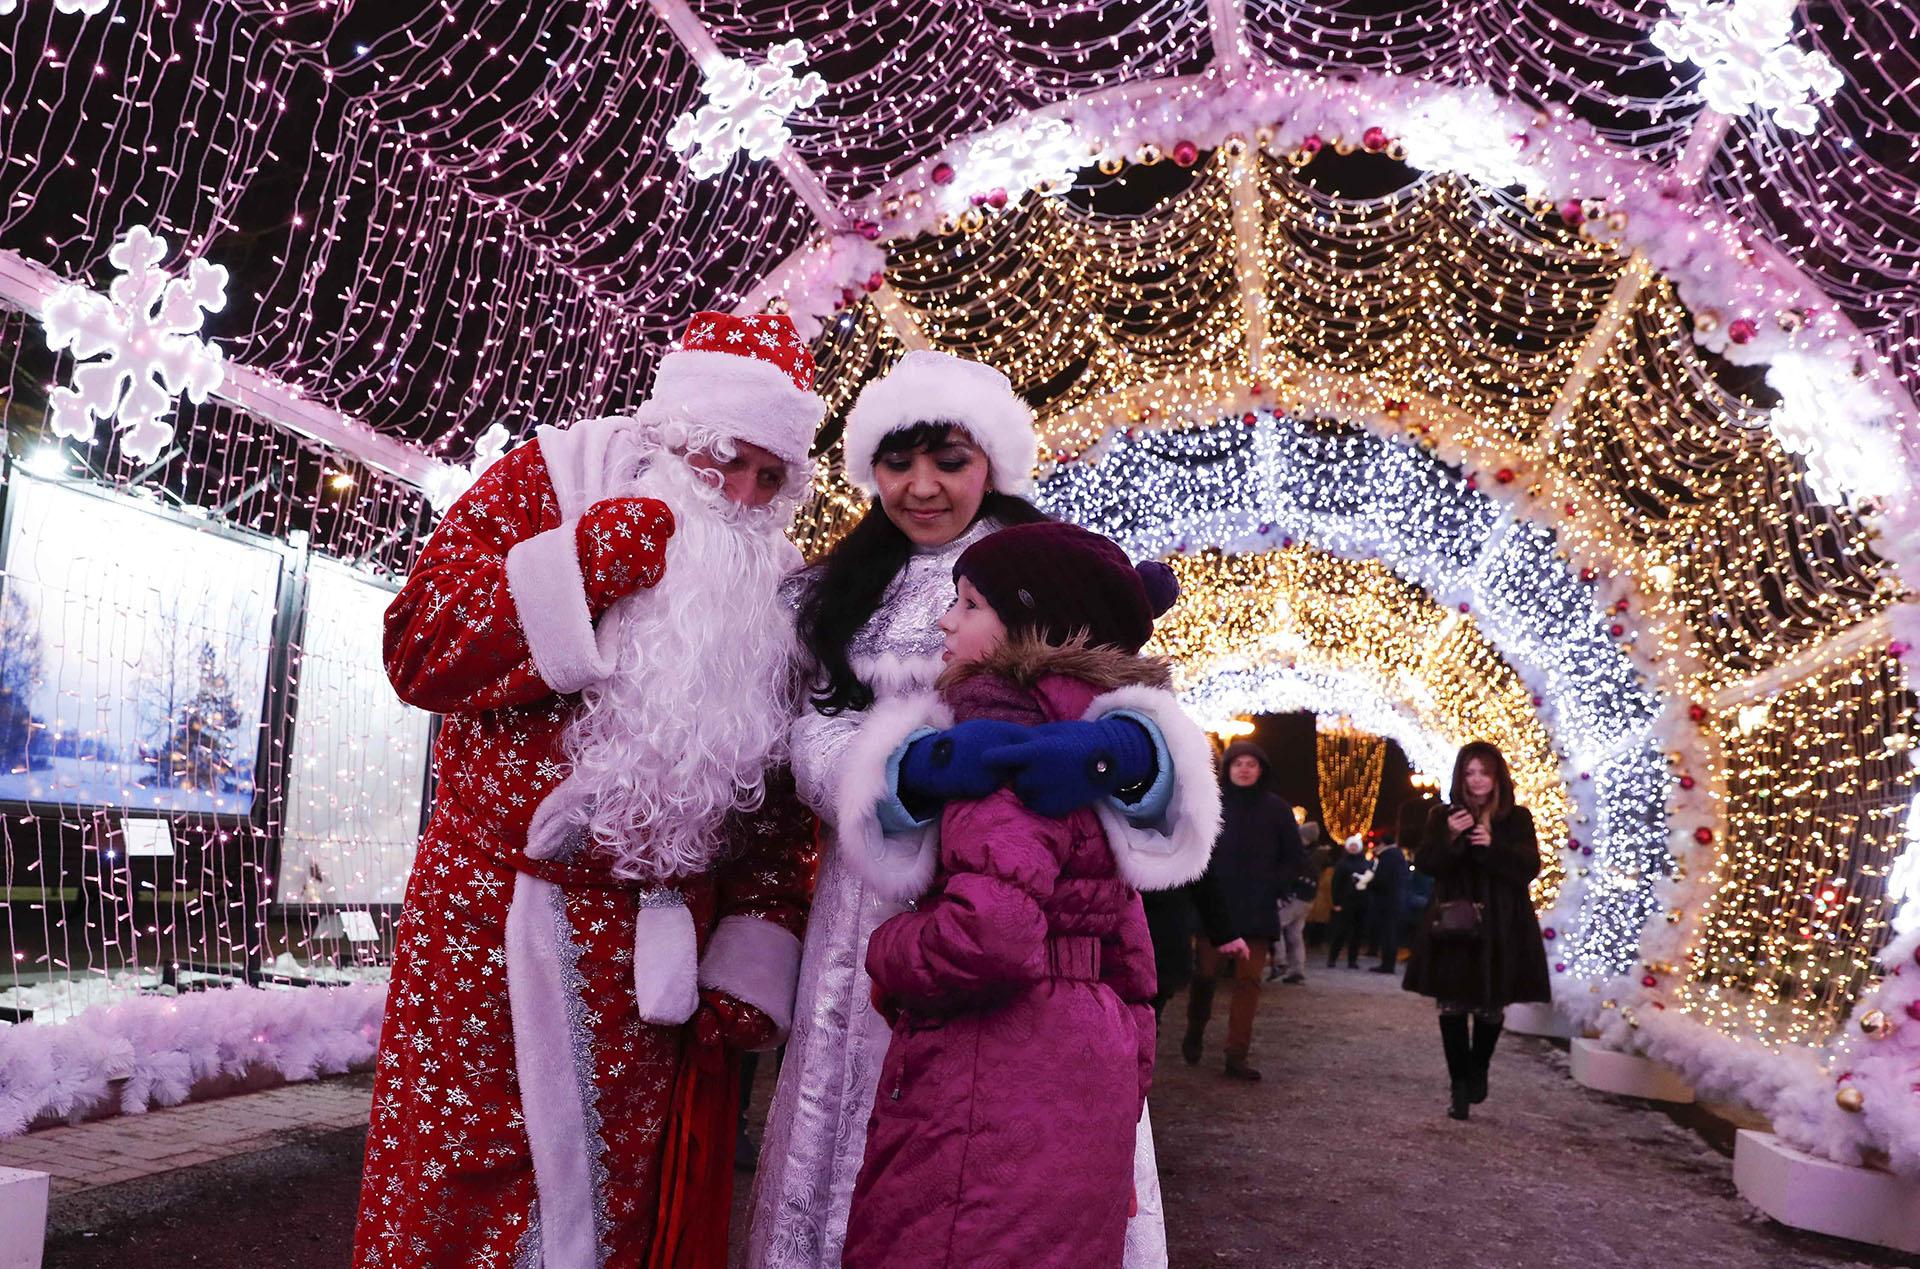 La gente vestida como el Padre Frost, el equivalente ruso de Santa Claus, y la Doncella de Nieve conversan con una chica mientras se encuentran bajo decoraciones festivas para el próximo Año Nuevo y la temporada navideña en el centro de Moscú, Rusia 20 de diciembre de 2017. (Reuters)